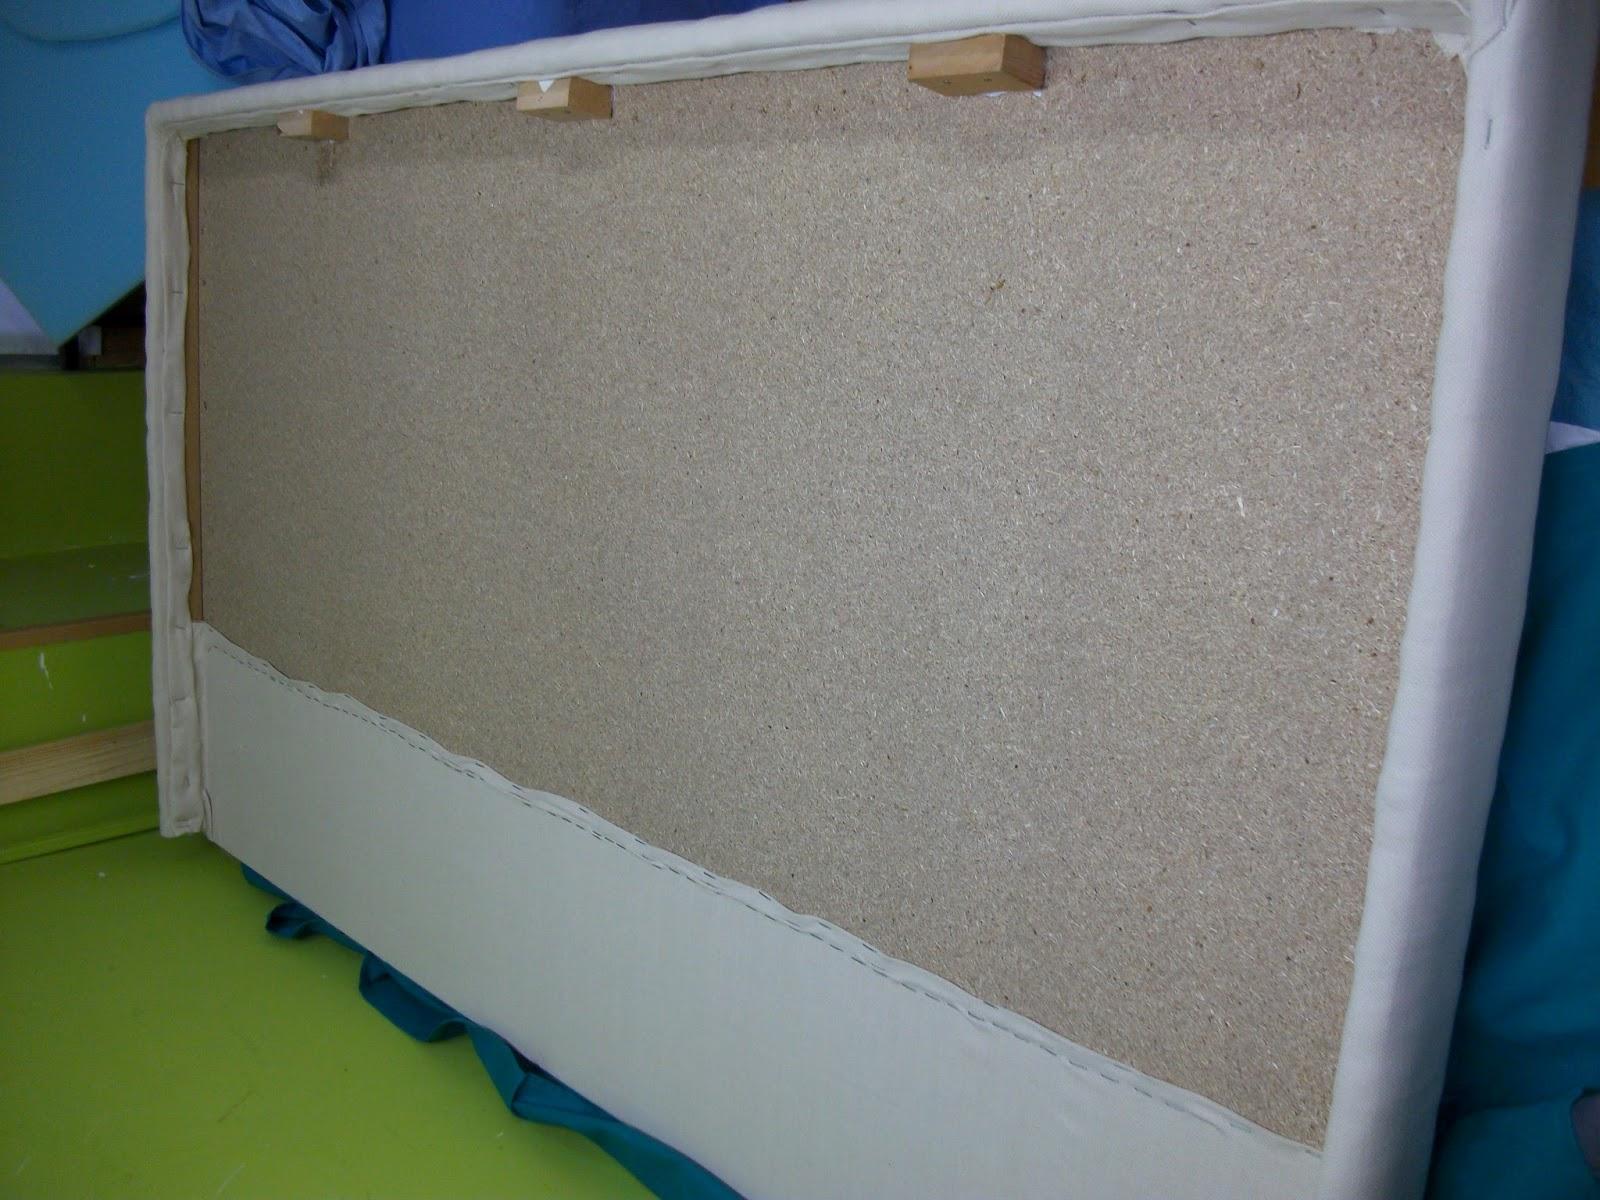 El blog de la restauradora cabecero tapizado con tachuelas - Poner rodapie ...